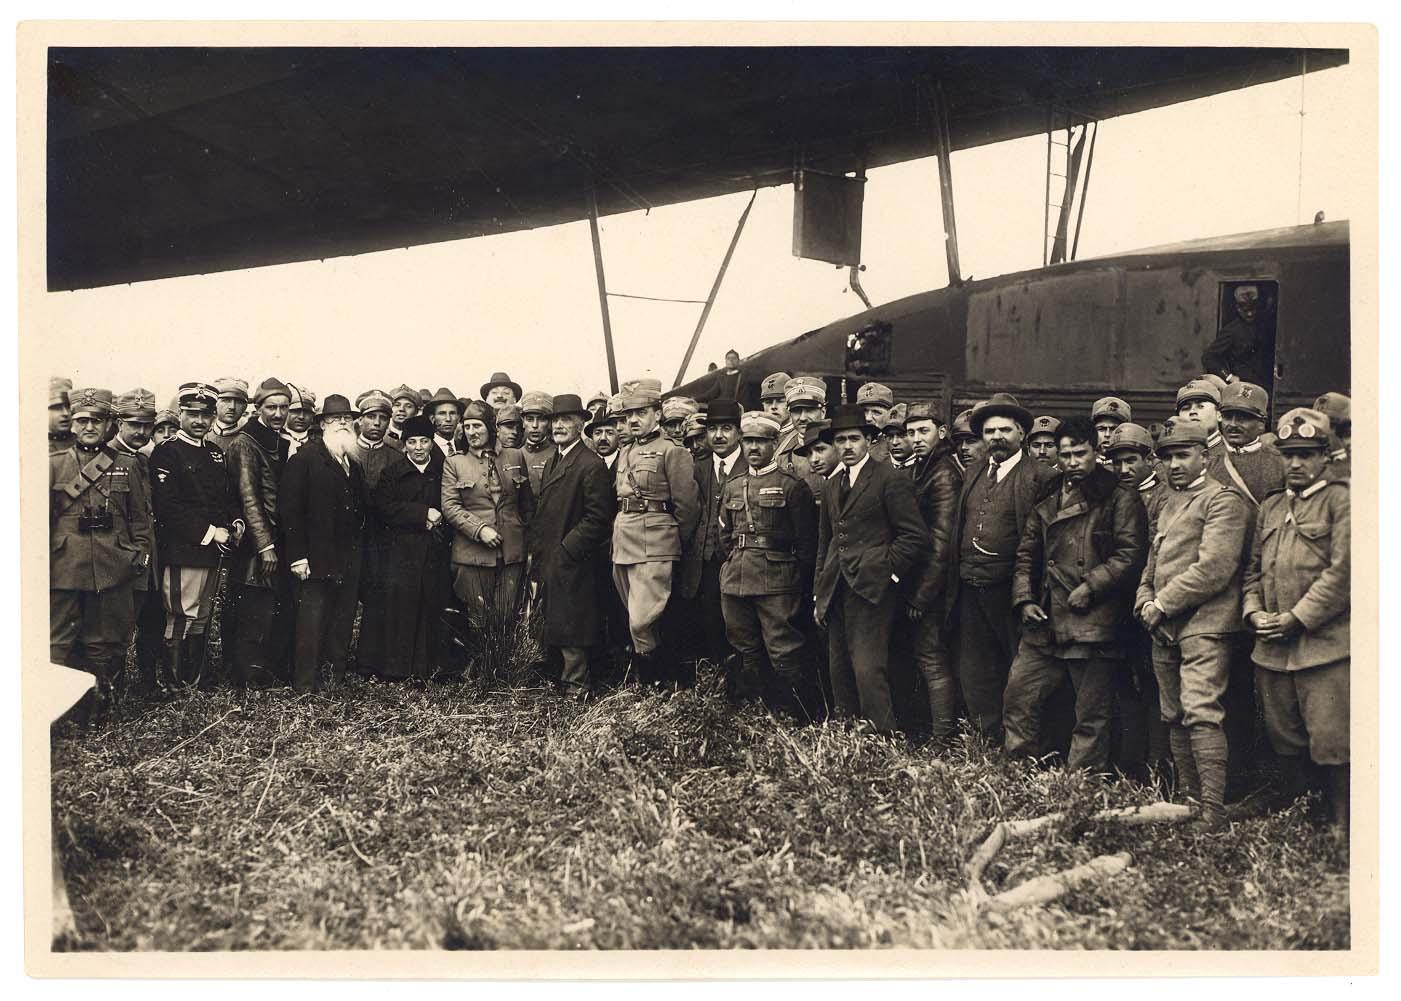 Archivio Comunale - 1921 - Topografia_jpg_foto 0030 3-13